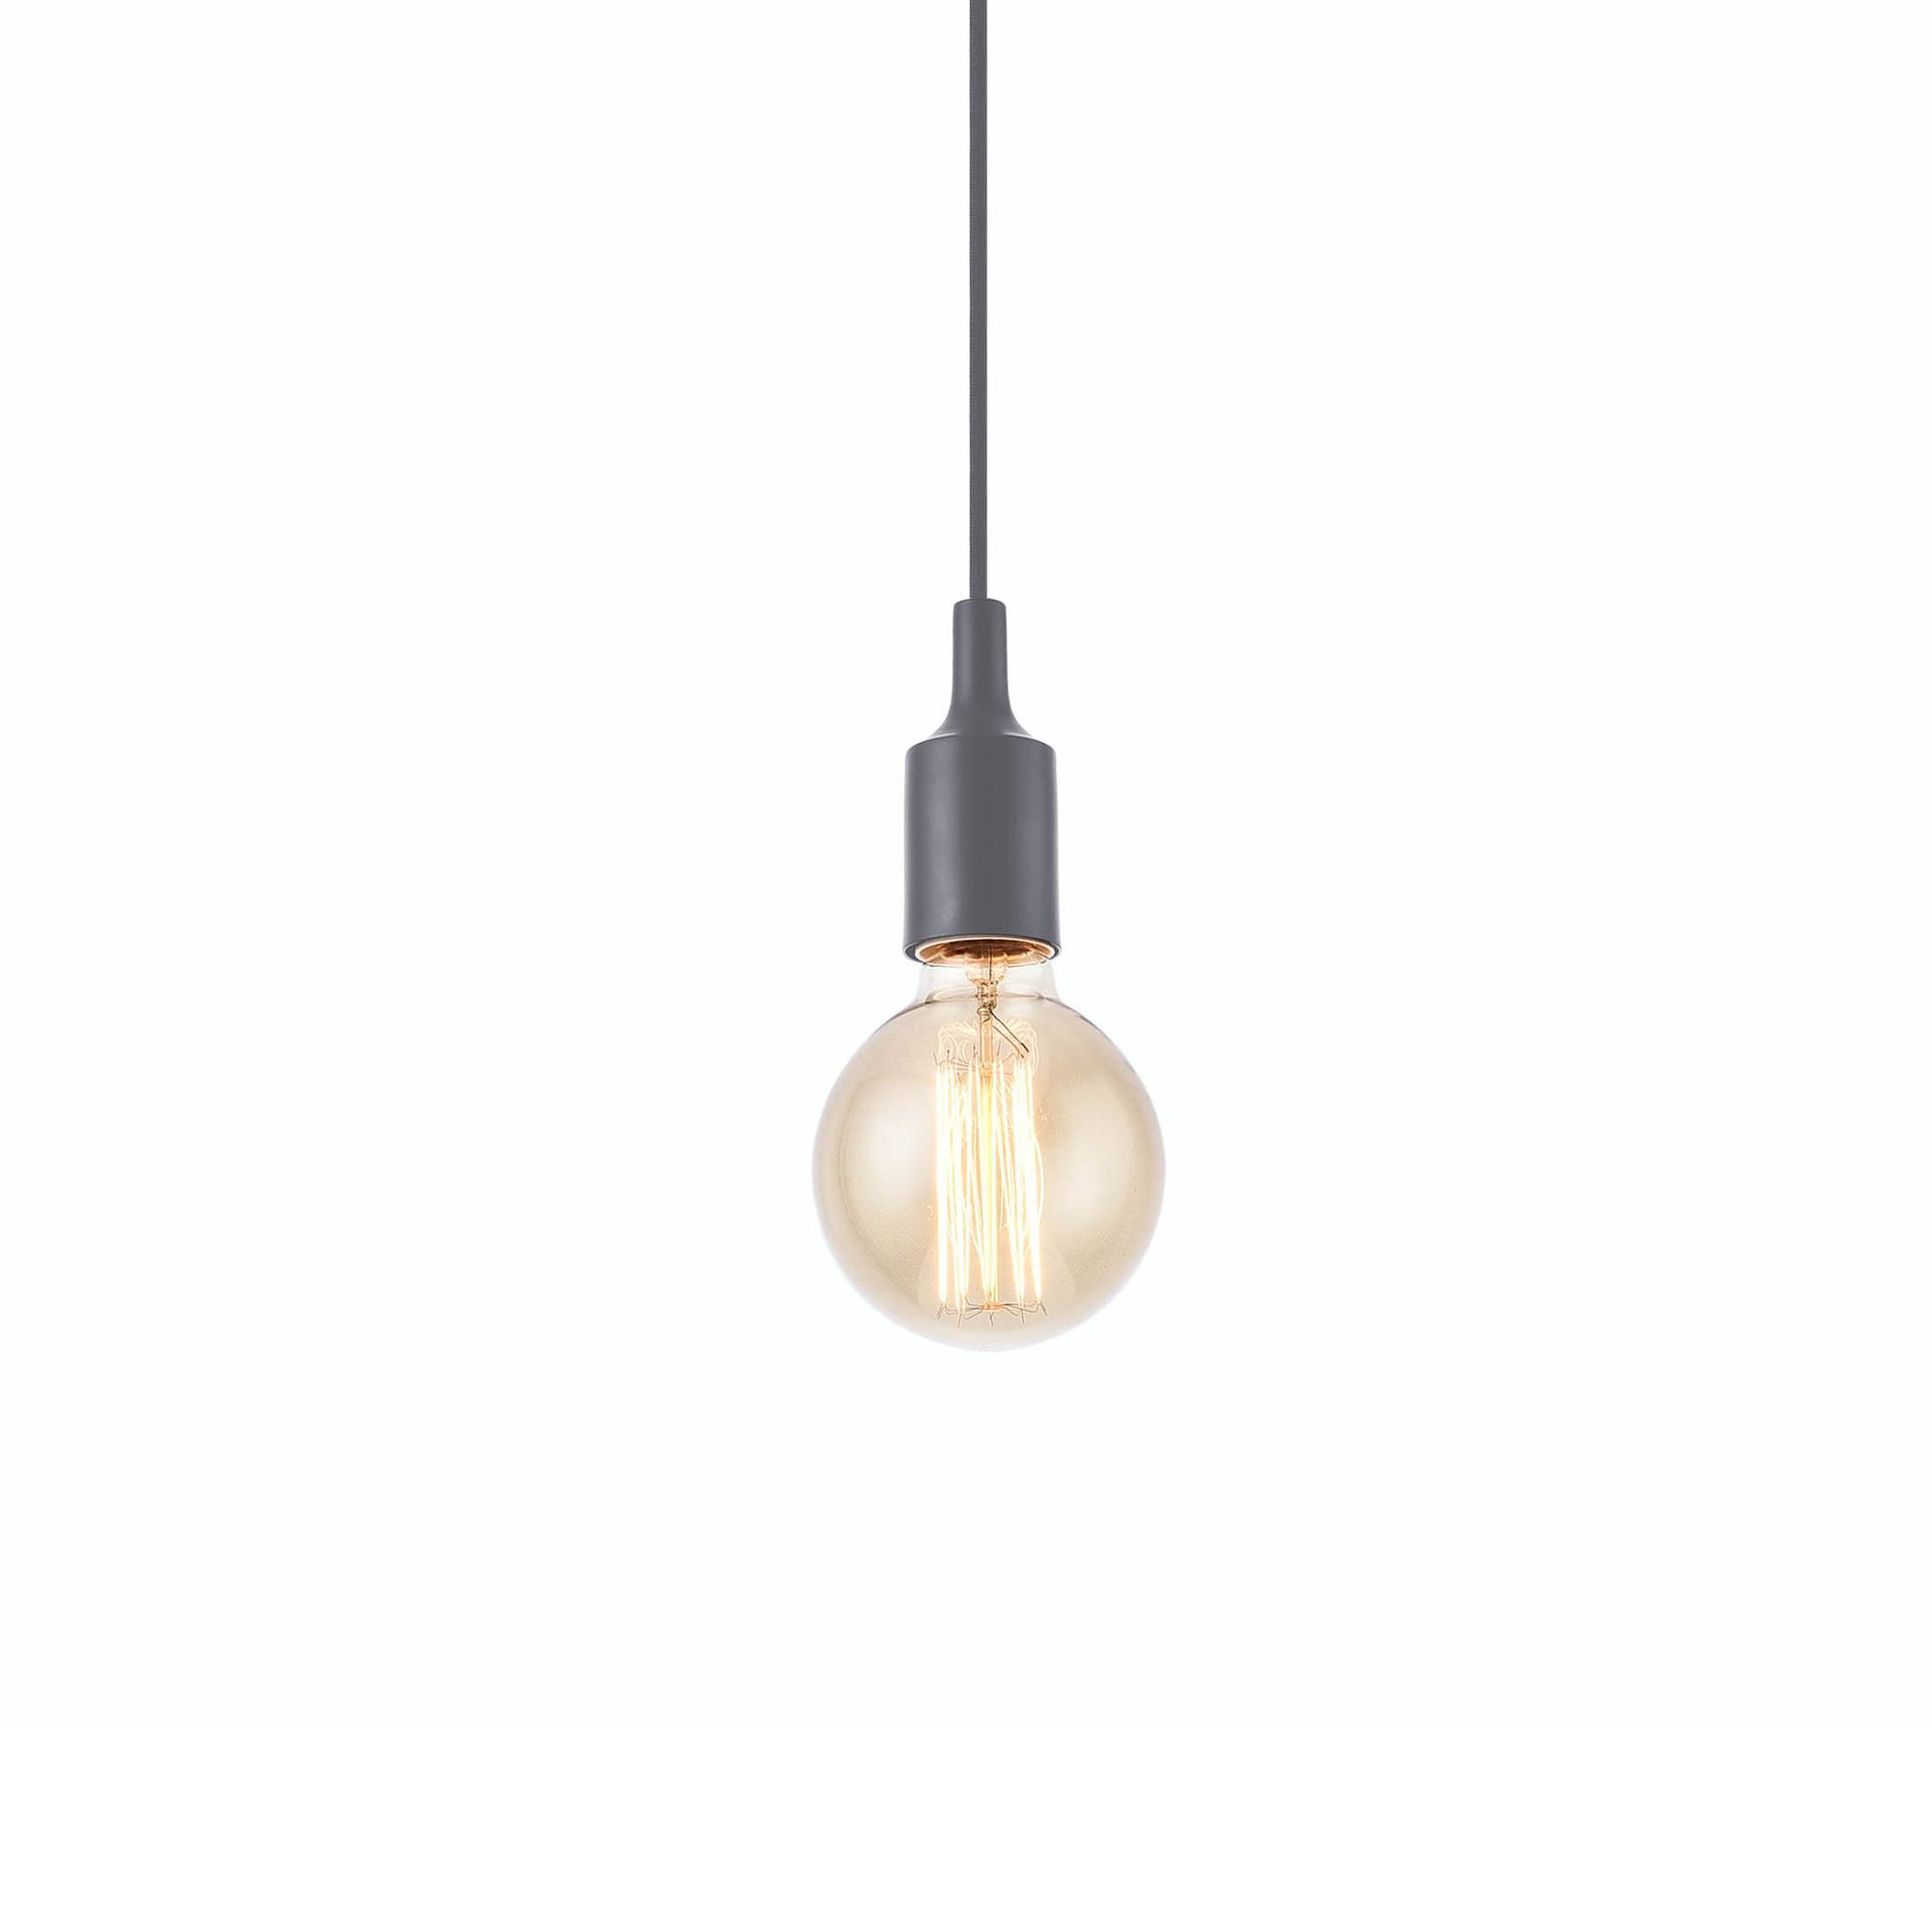 lux pro h ngeleuchte lampenfassung deckenleuchte grau retro pendelleuchte ebay. Black Bedroom Furniture Sets. Home Design Ideas